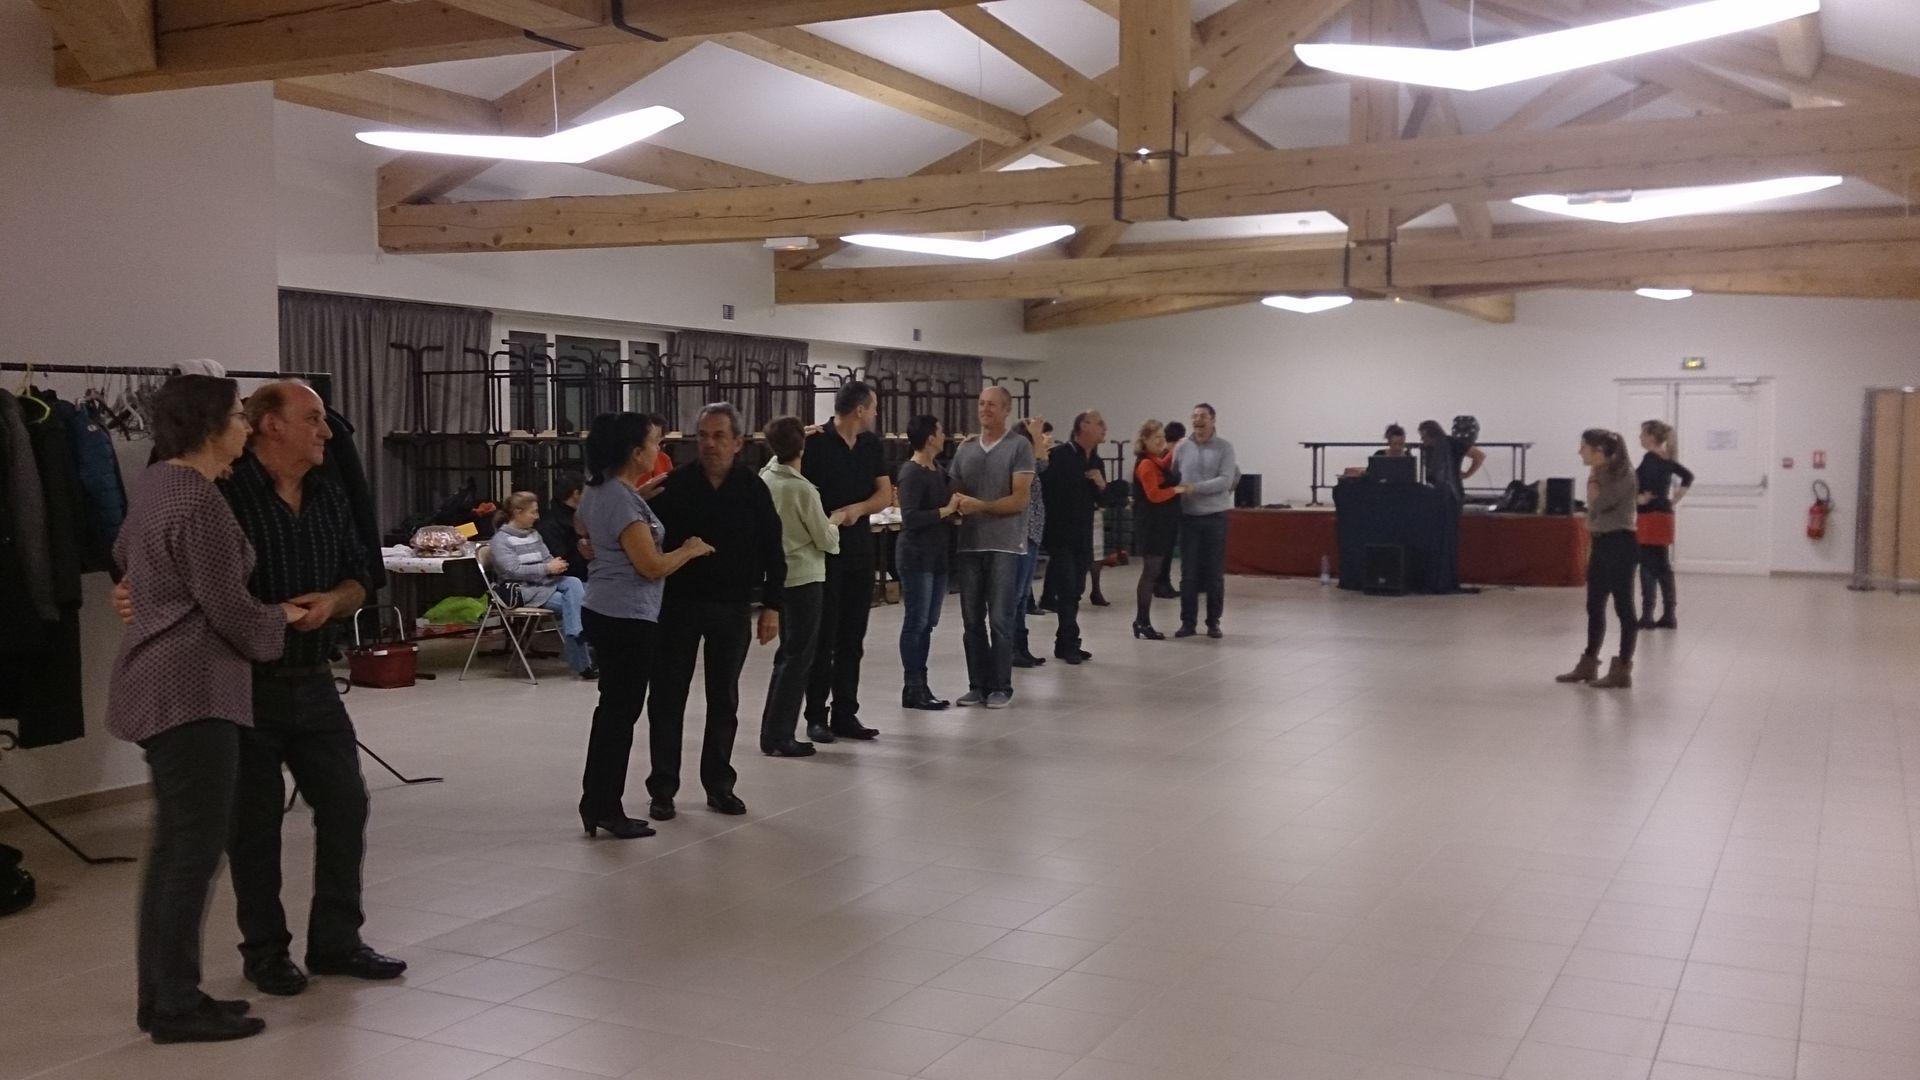 Danse de salon salsa rock for Dans de salon